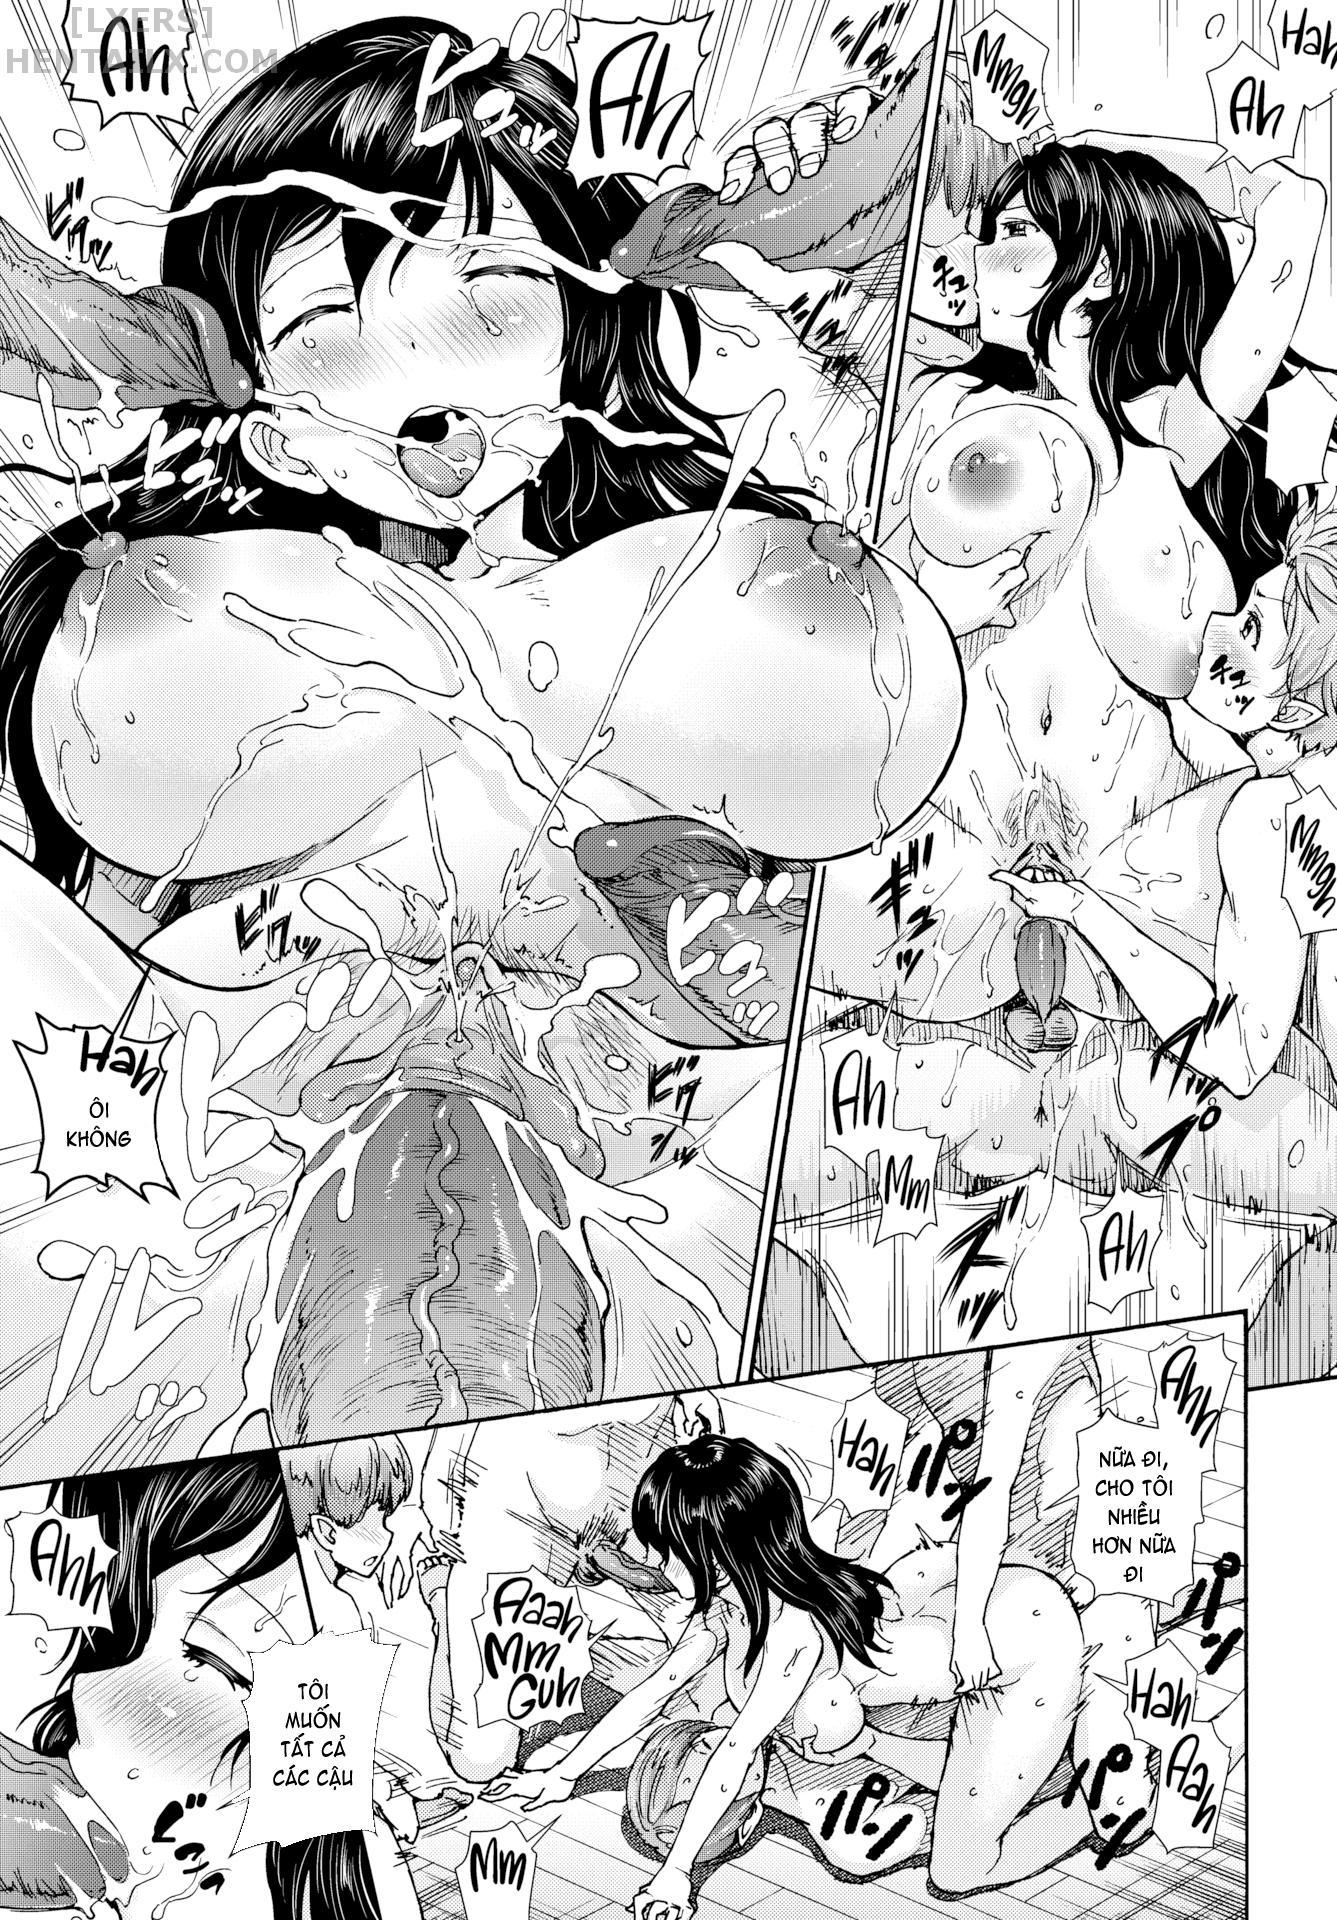 021 Milk-Sucking! Cum-Milking! Vampire  - hentaicube.net - Truyện tranh hentai online